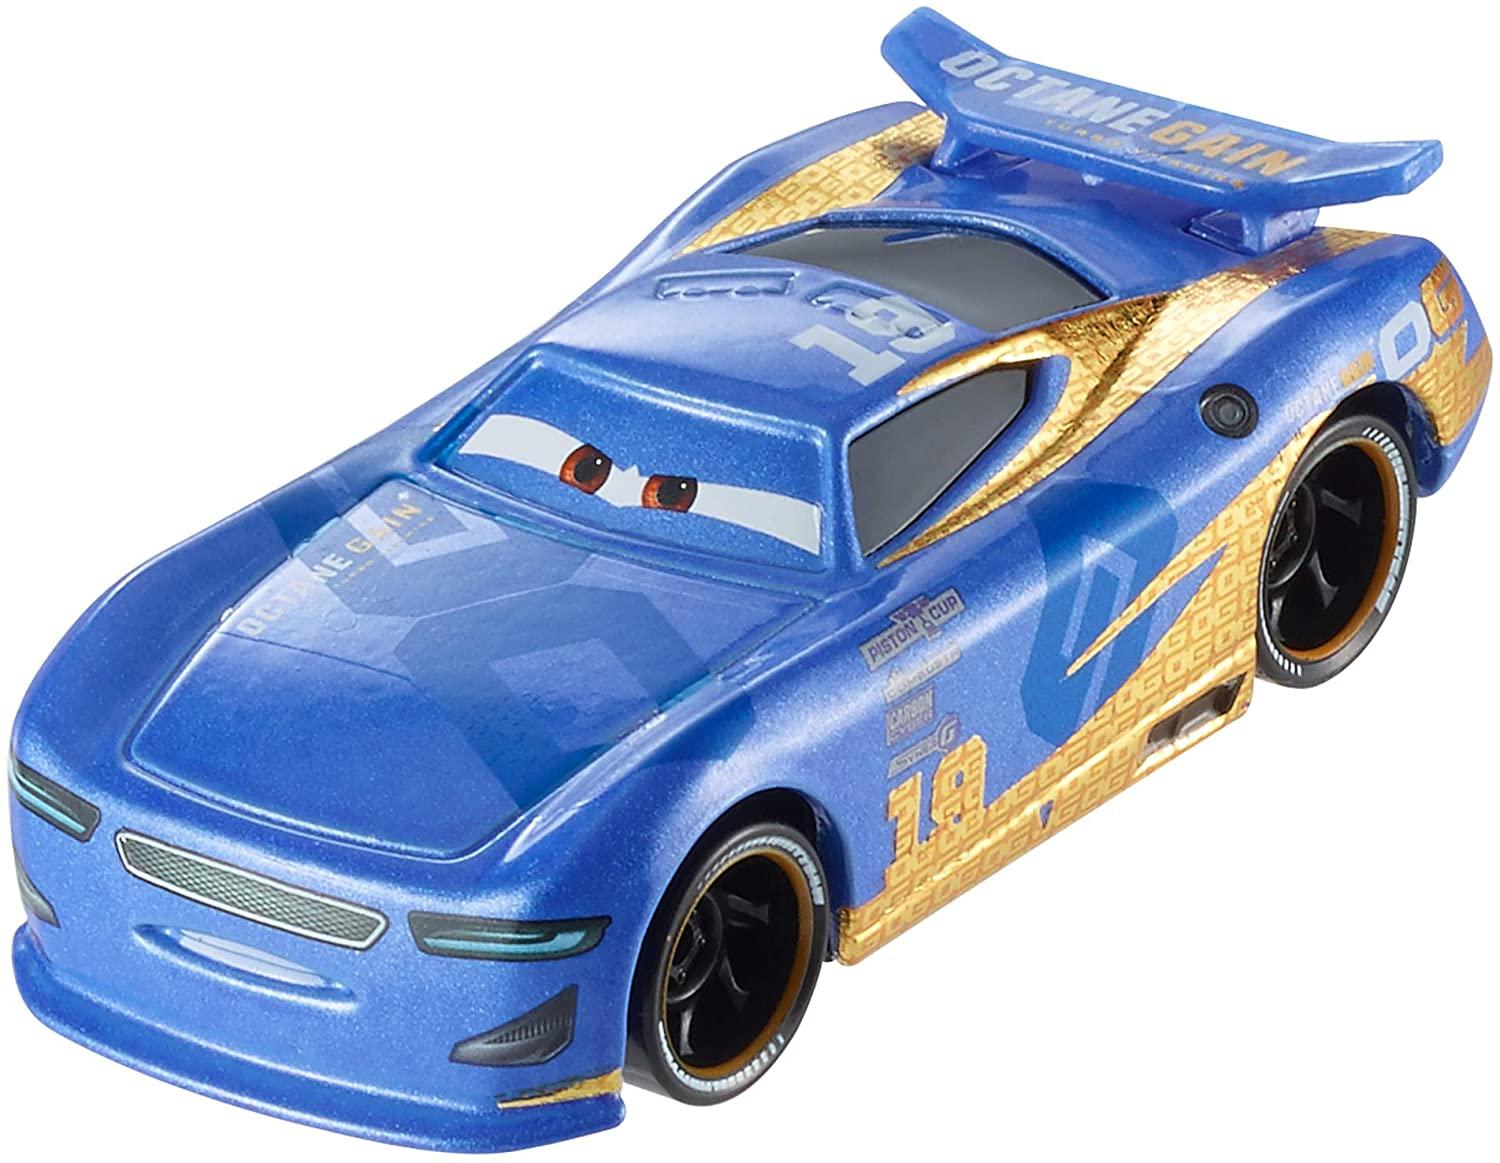 Disney Pixar Cars Die-Cast Next Gen Octane Gain #19 Carlos Racer Vehicle